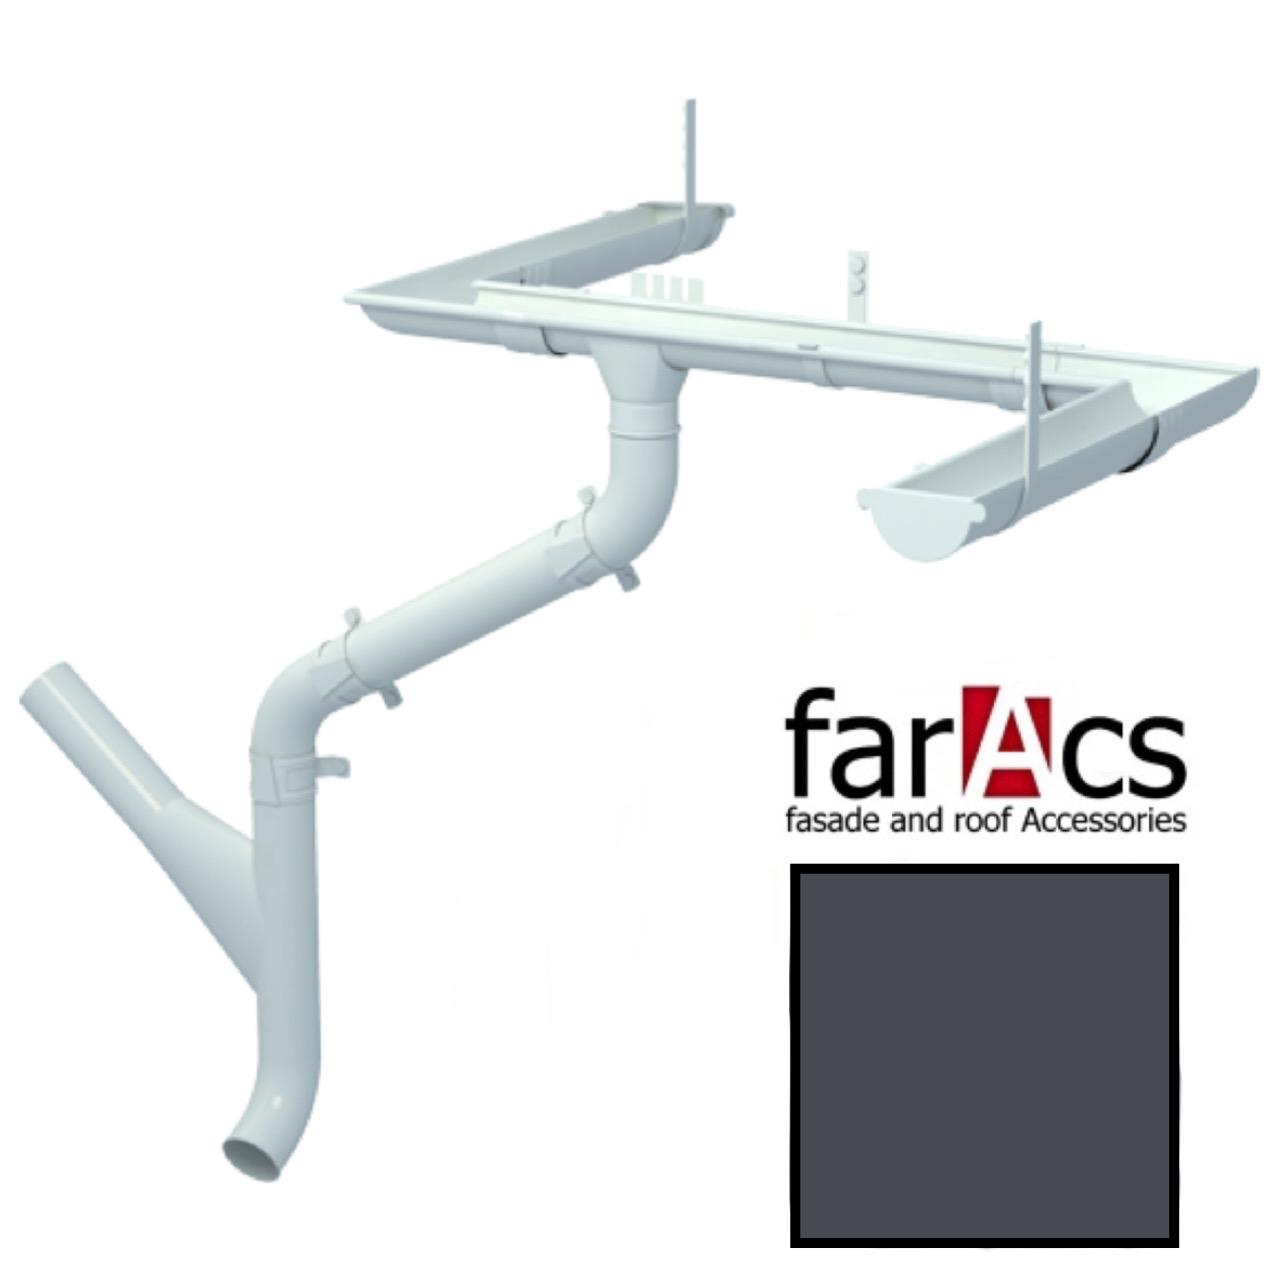 Пластиковый водосток Faracs 125/82 RAL 7024 (Серый)